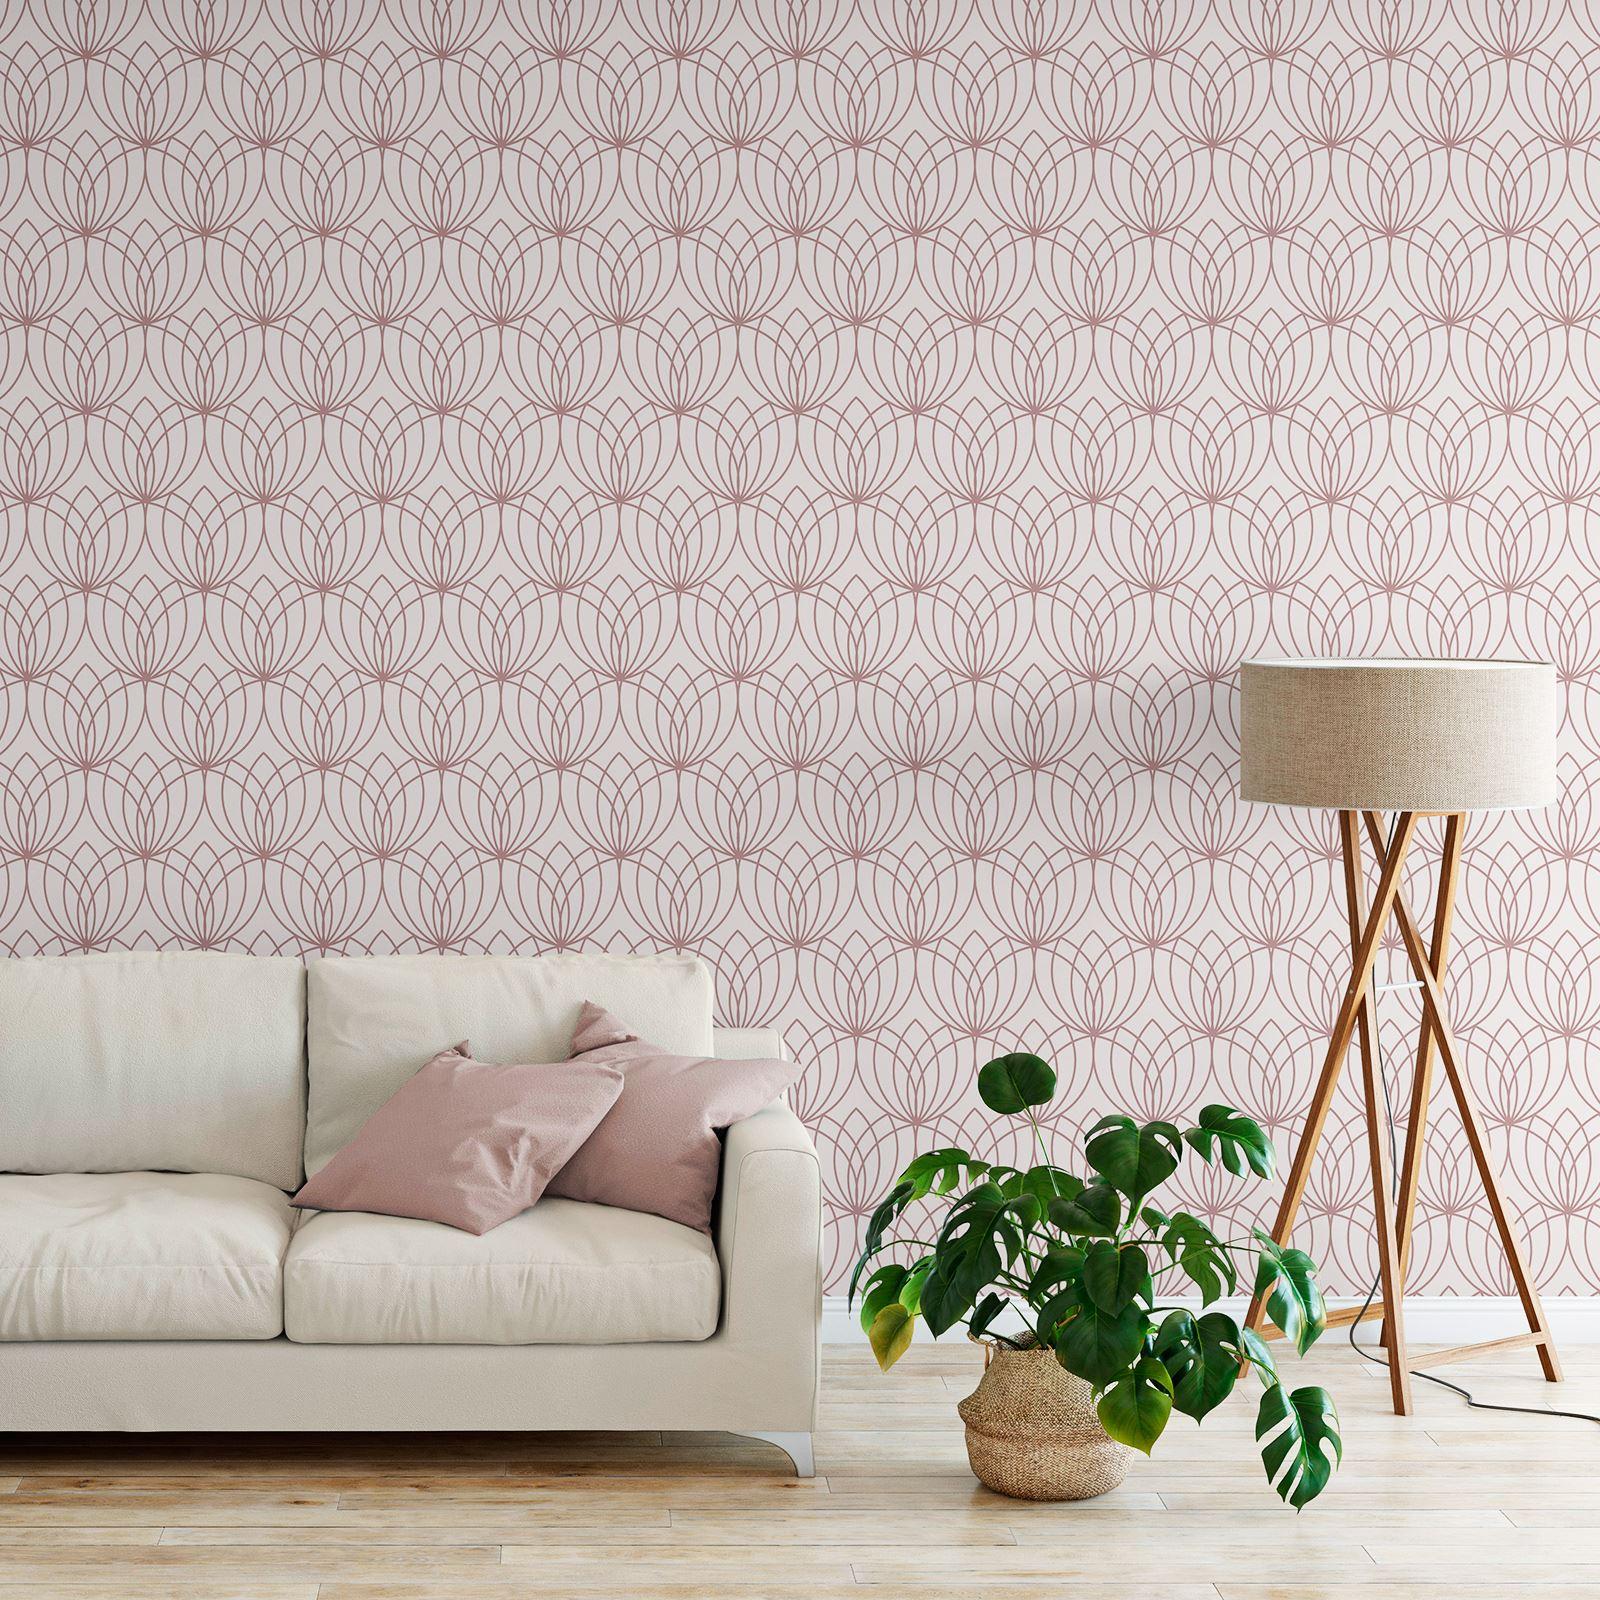 Rotgold-Tapete-Grau-Creme-Exotisch-Blumen-Tropisch-Palme-Blaetter-Geometrisch Indexbild 36